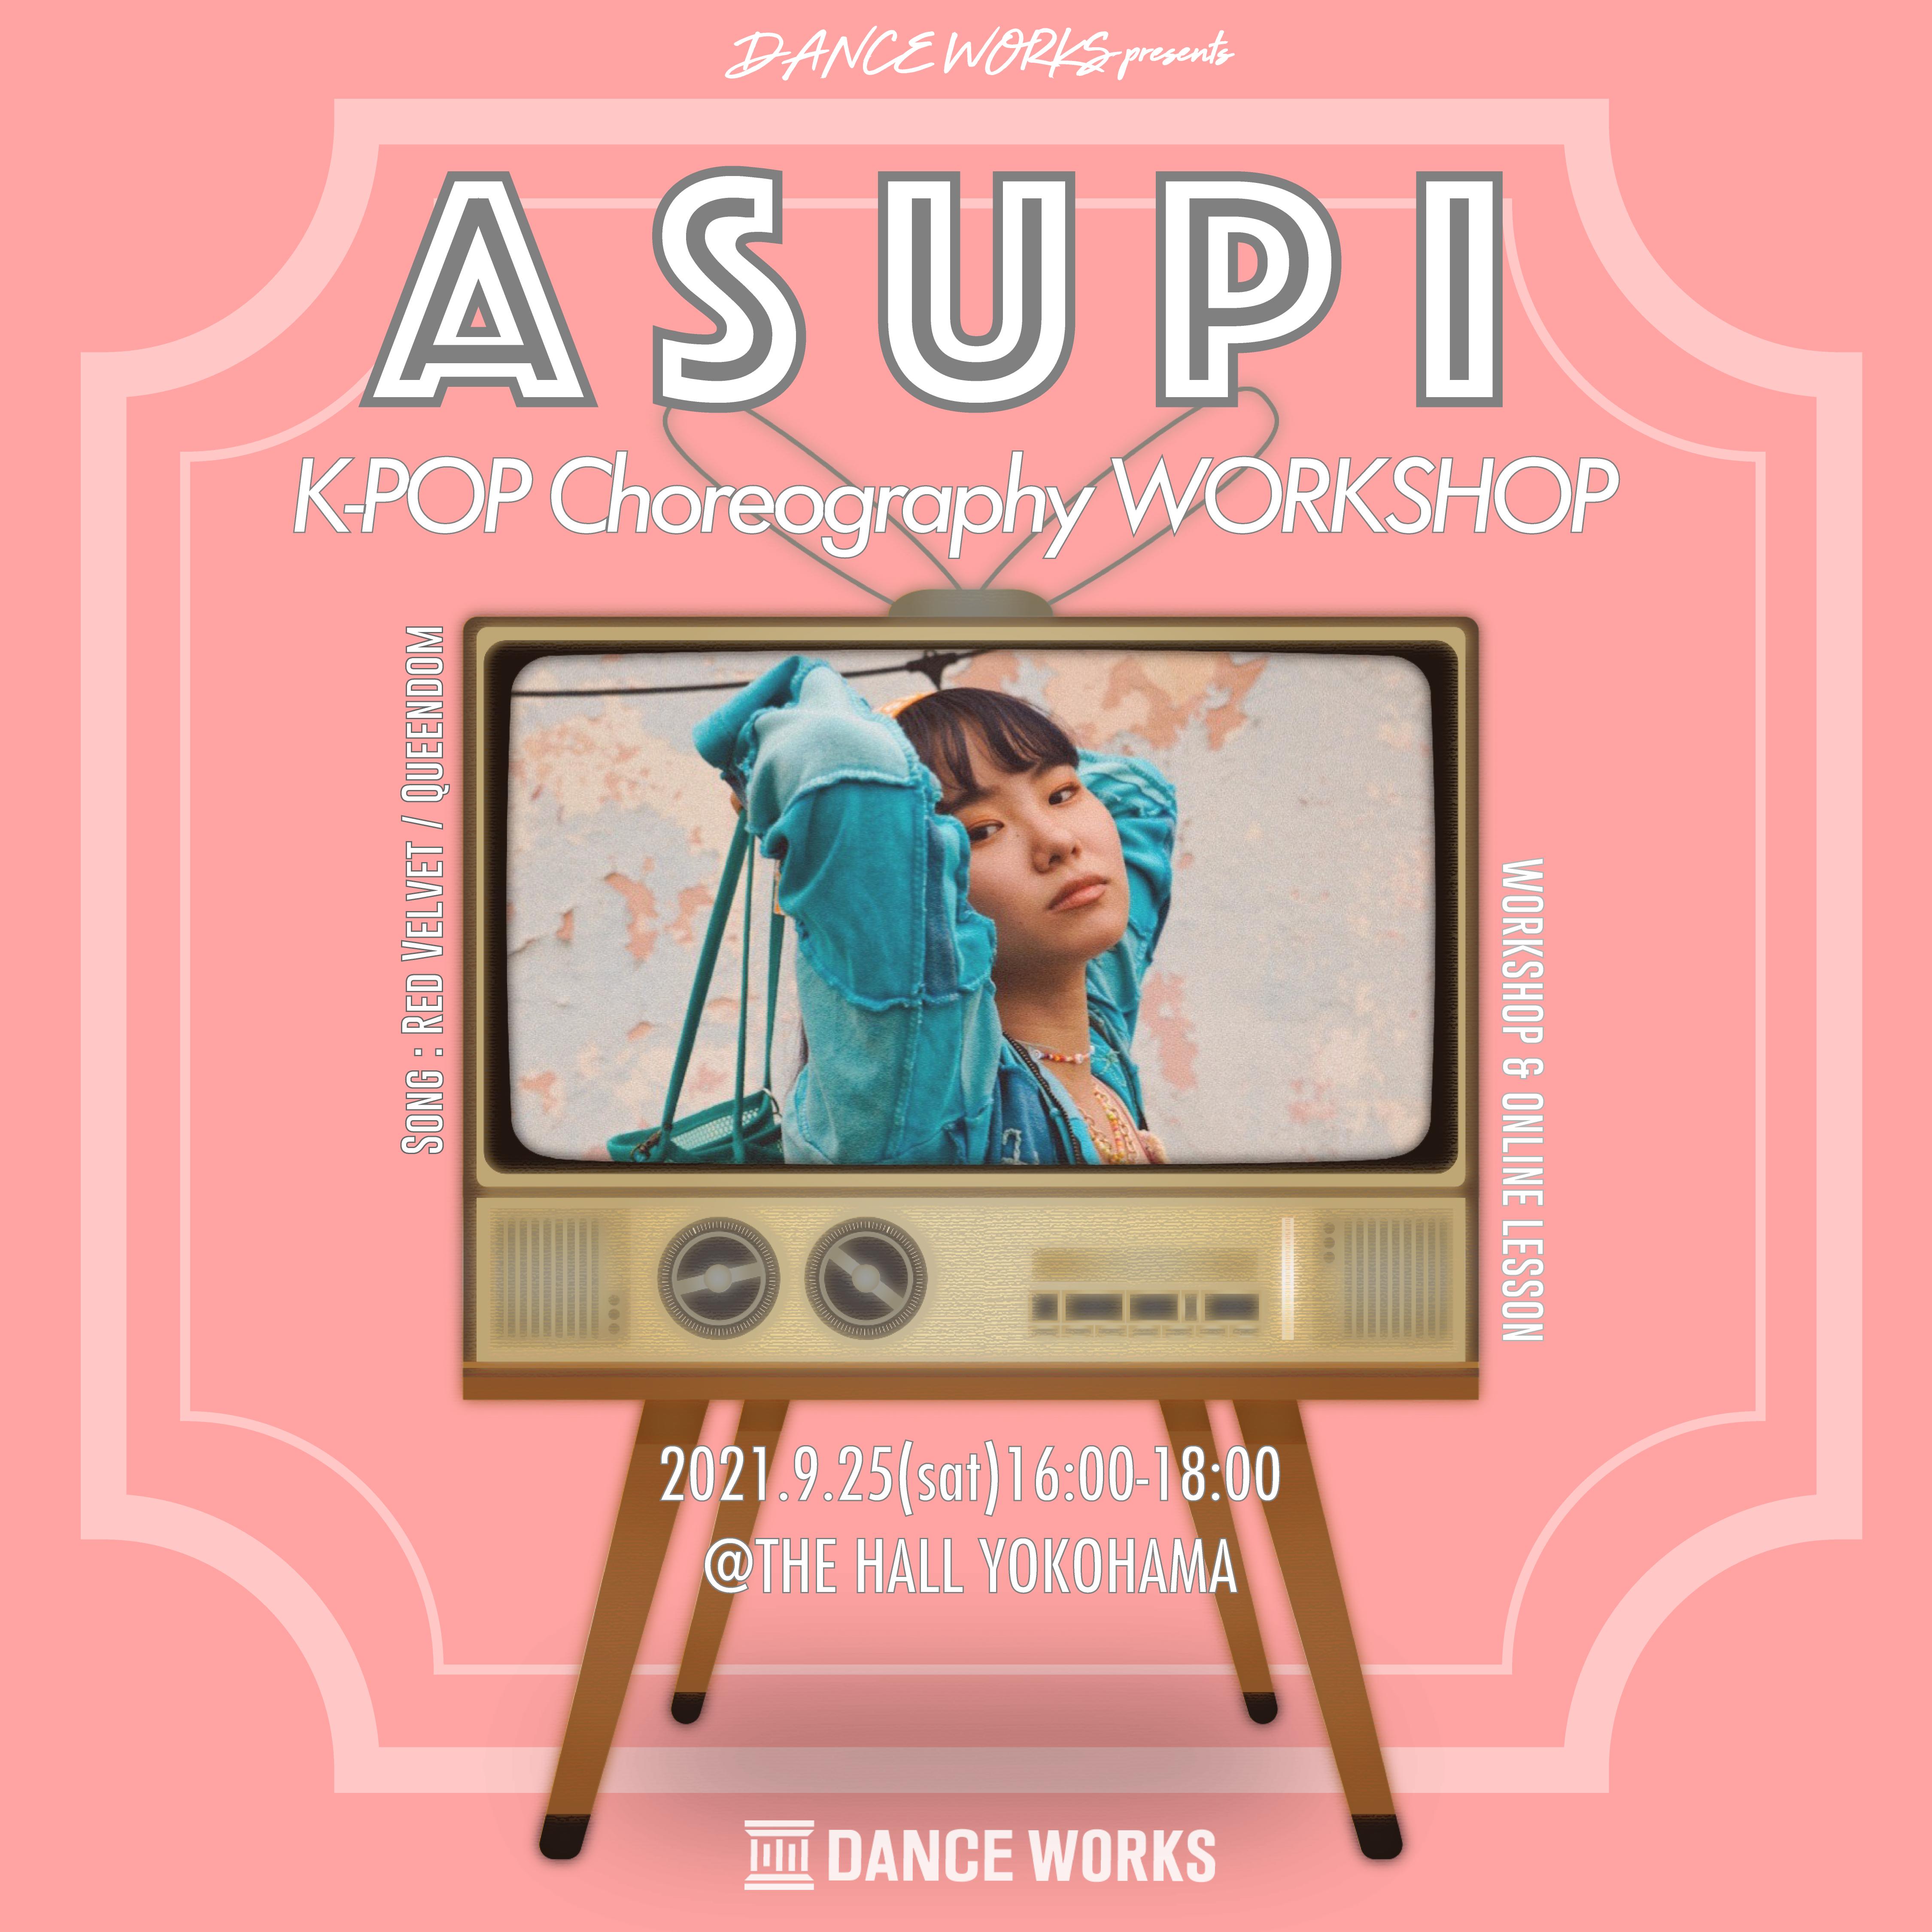 ASUPI WS K-POP_アートボード 1_アートボード 1